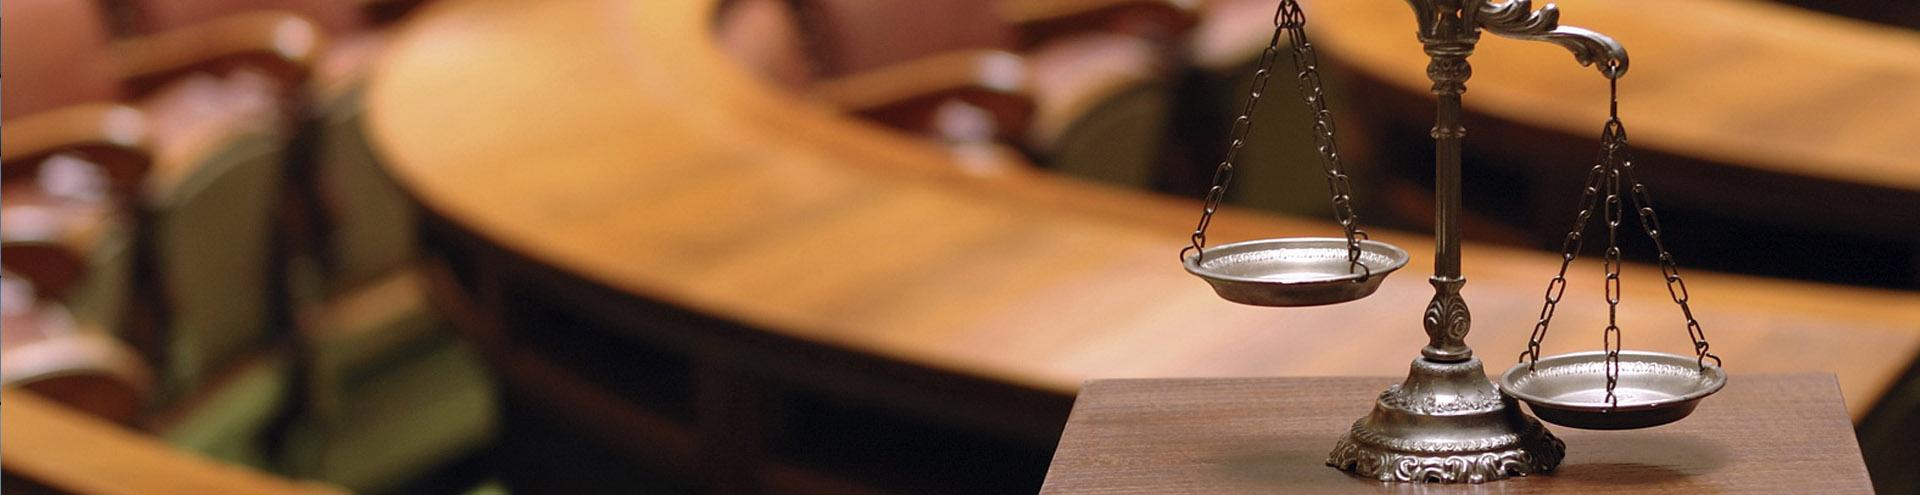 Представительство в арбитражном суде в Краснодаре и Краснодарском крае